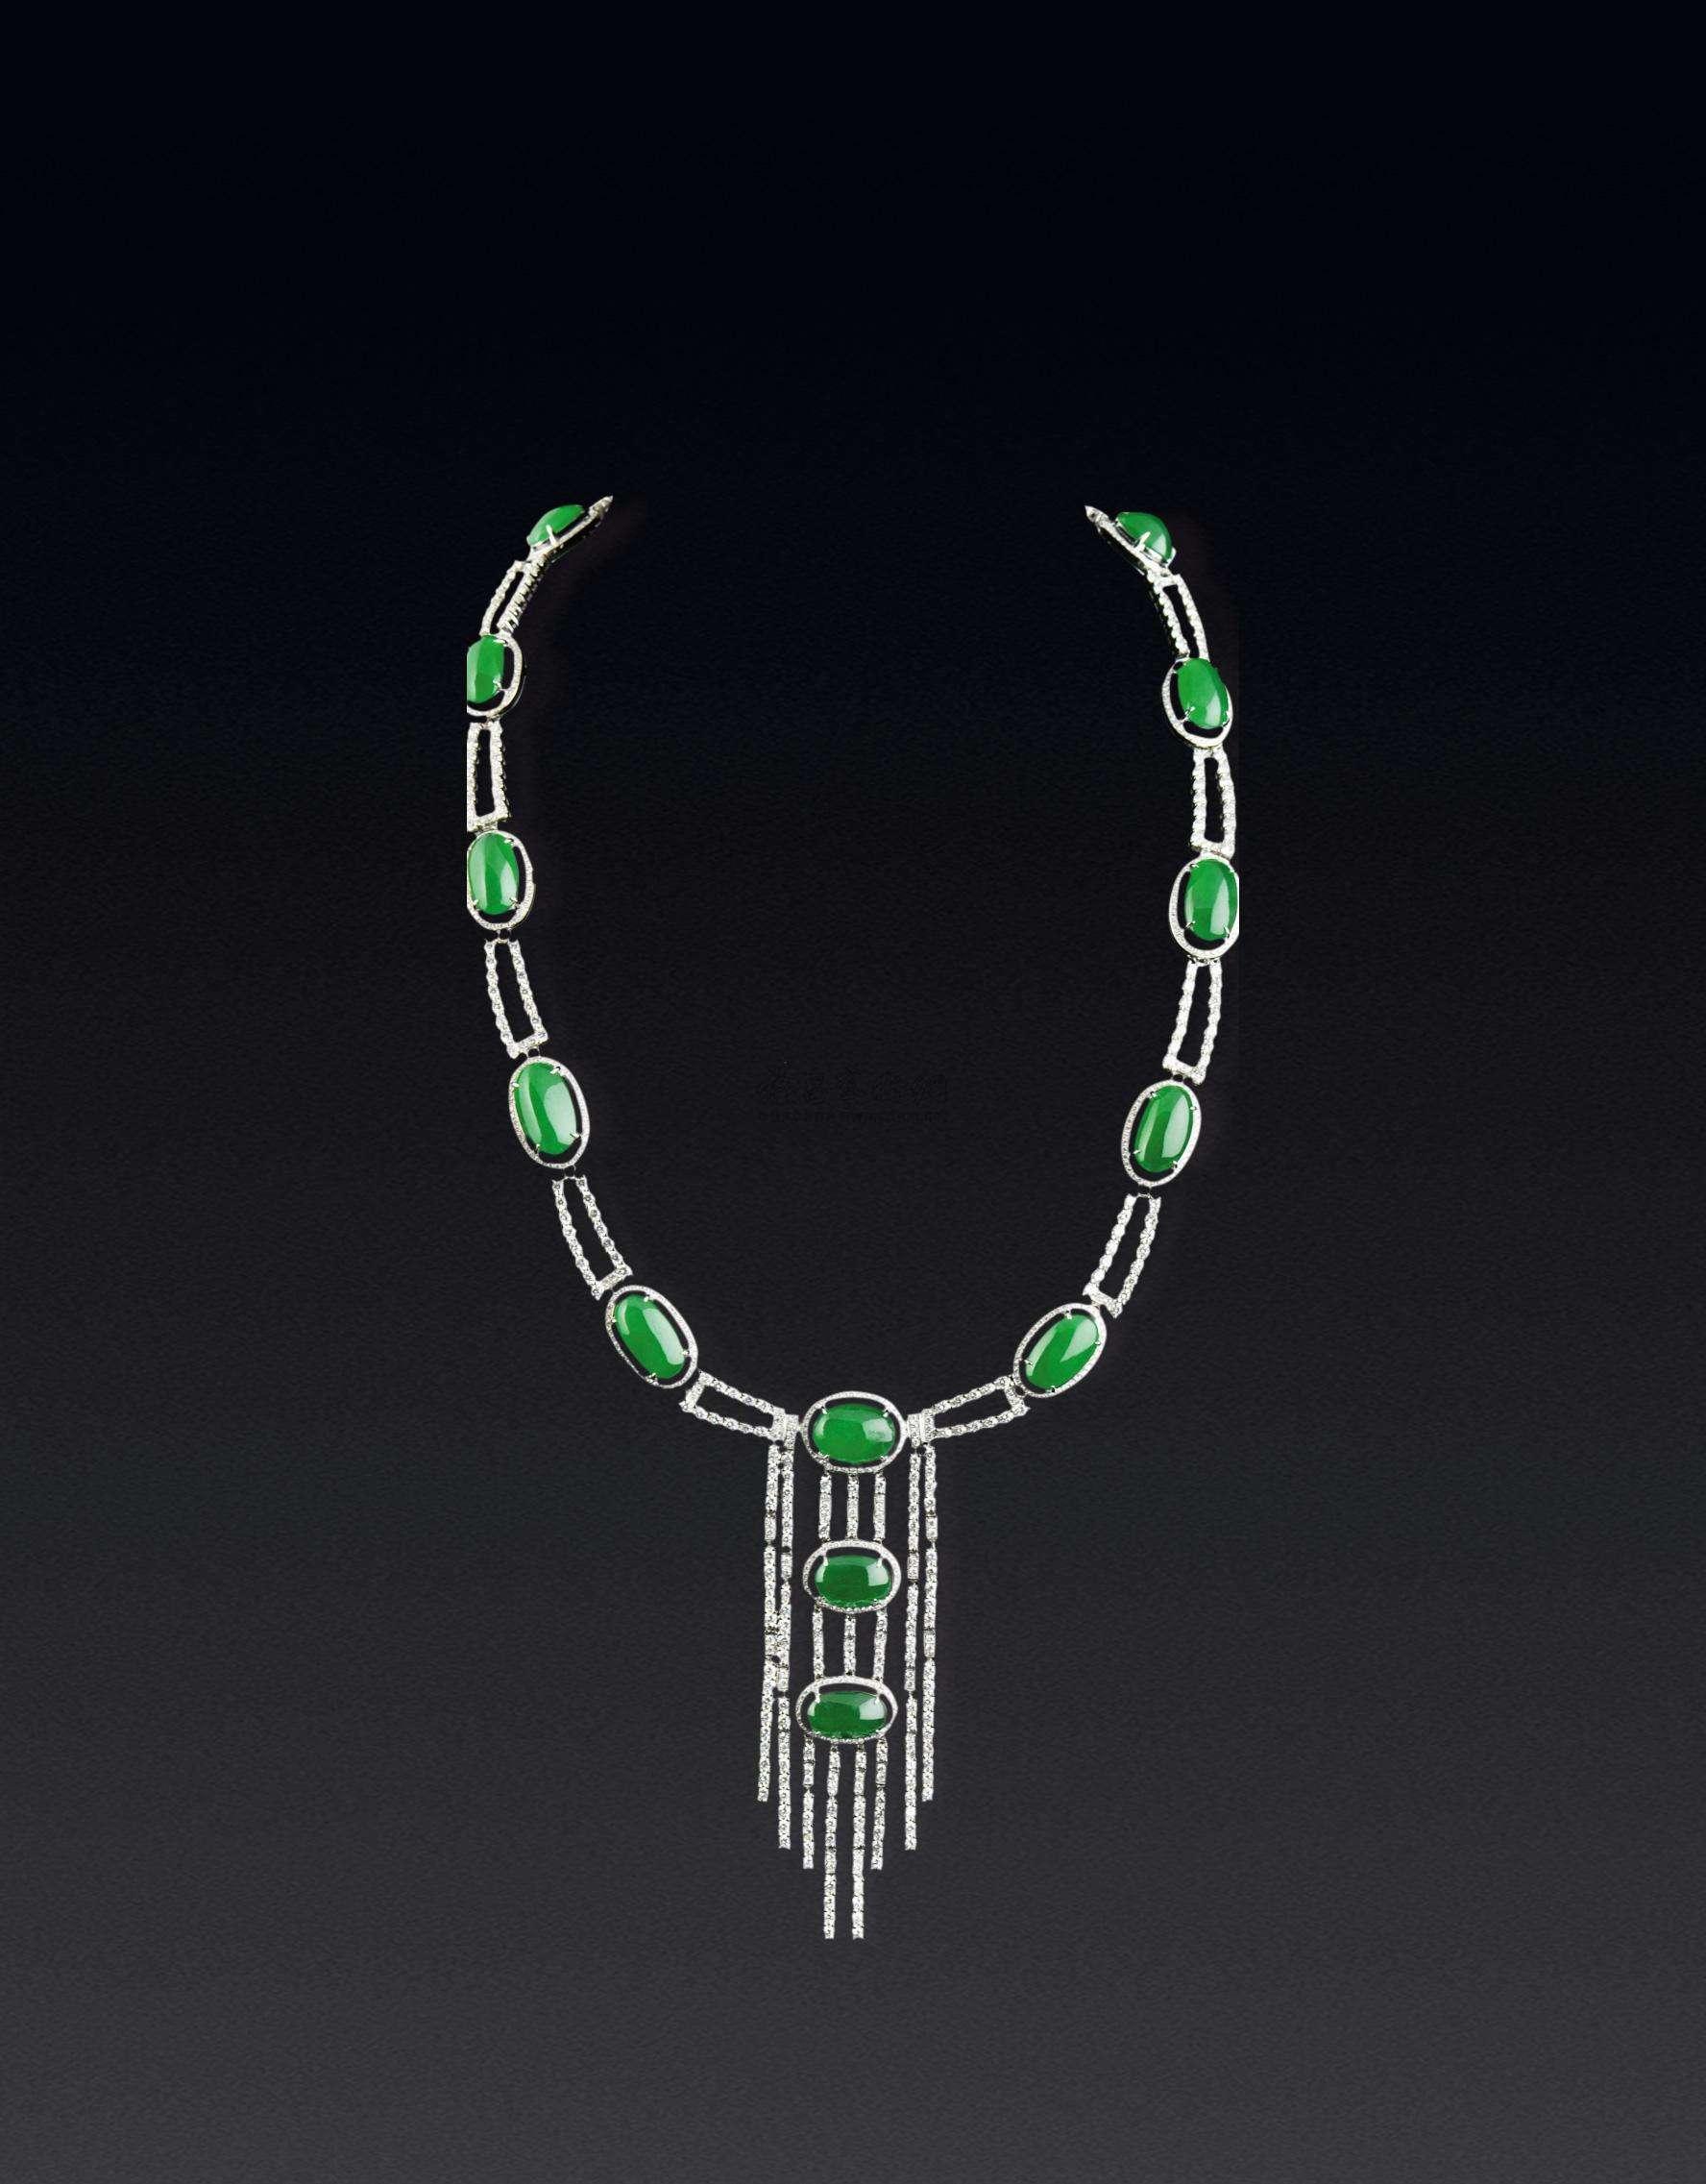 绿翡翠大珠子项链的价格贵不贵